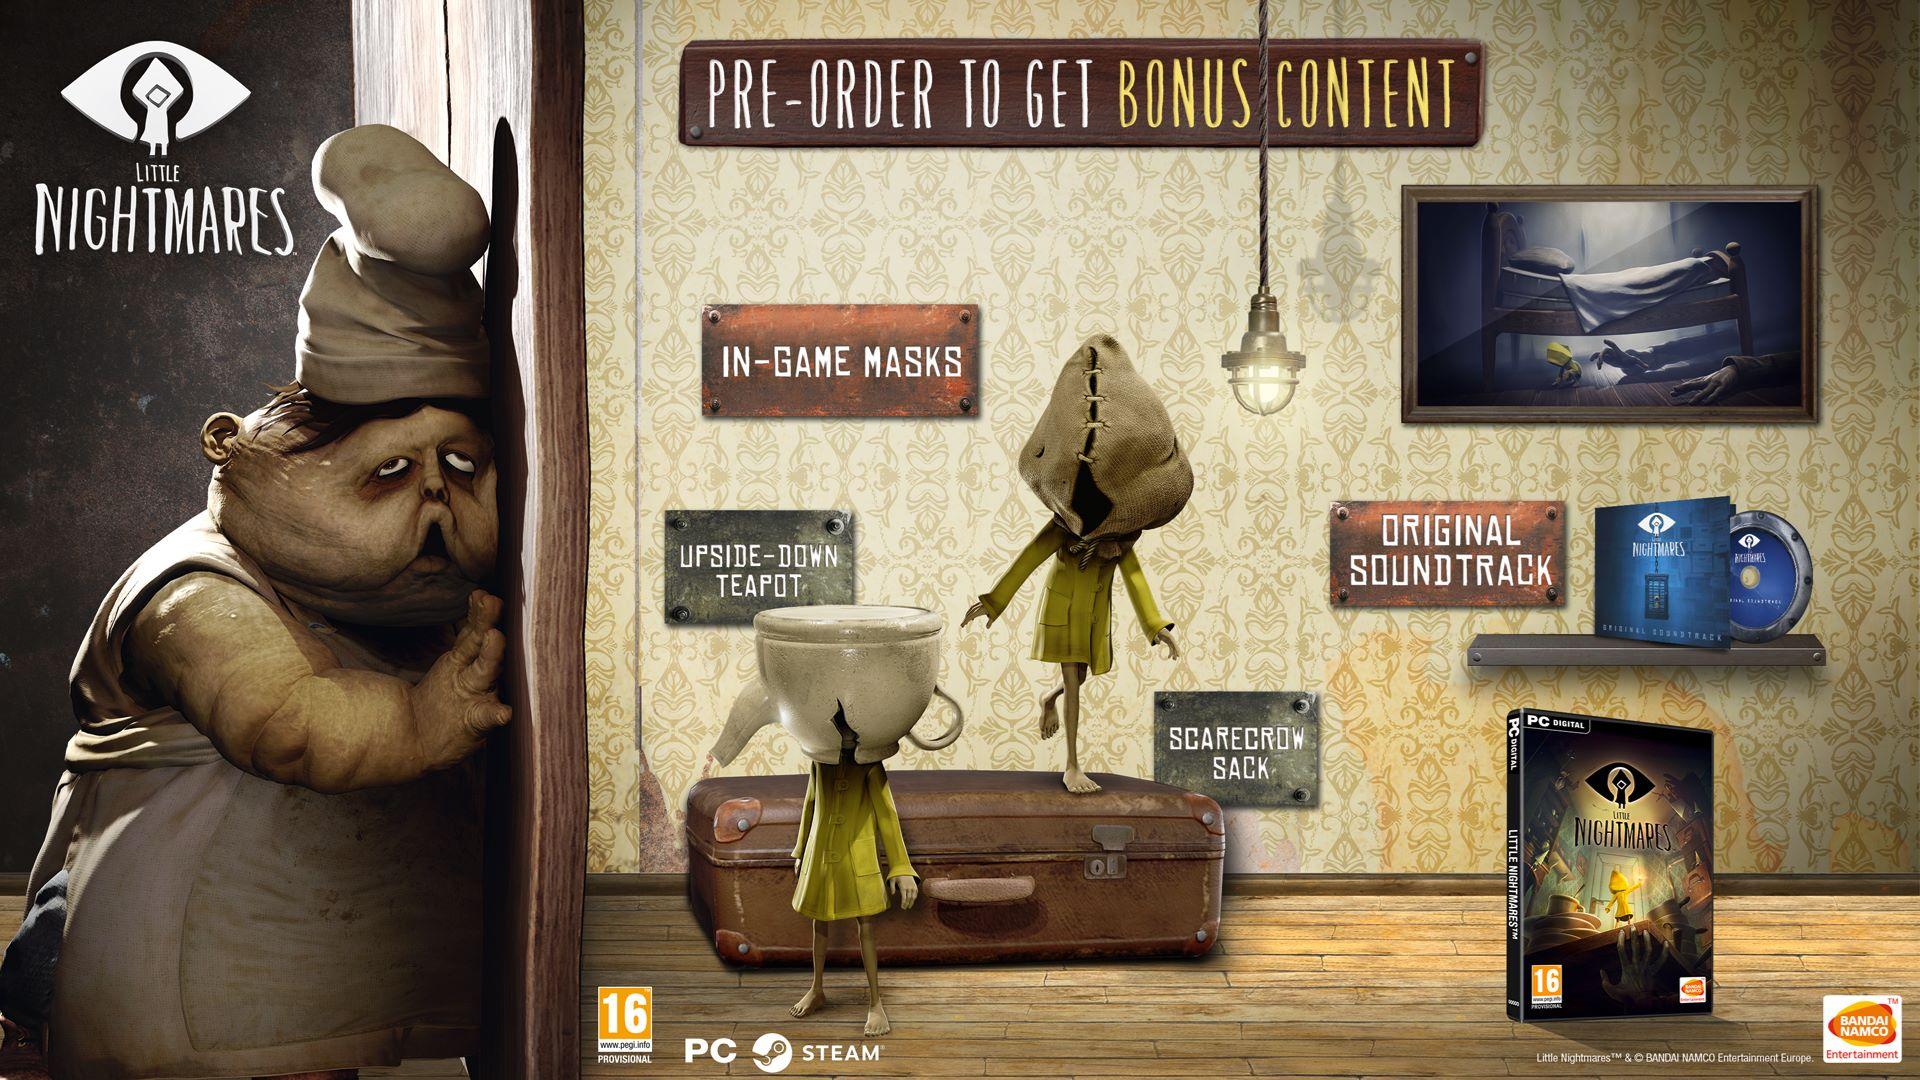 Resultado de imagem para Upside-Down Teapot e Scarecrow Sack